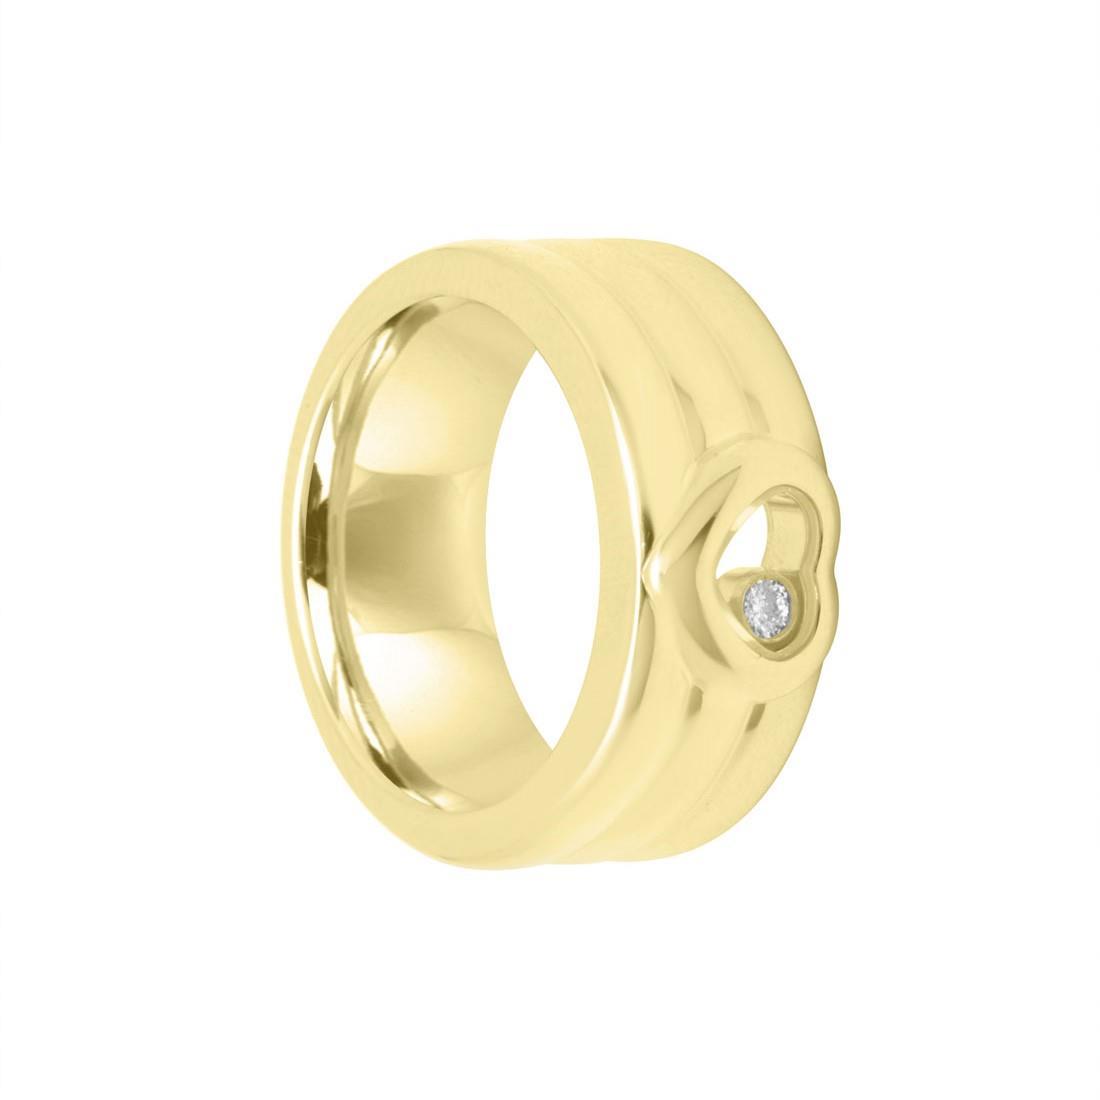 Anello in oro giallo con diamanti mis 13 - CHOPARD